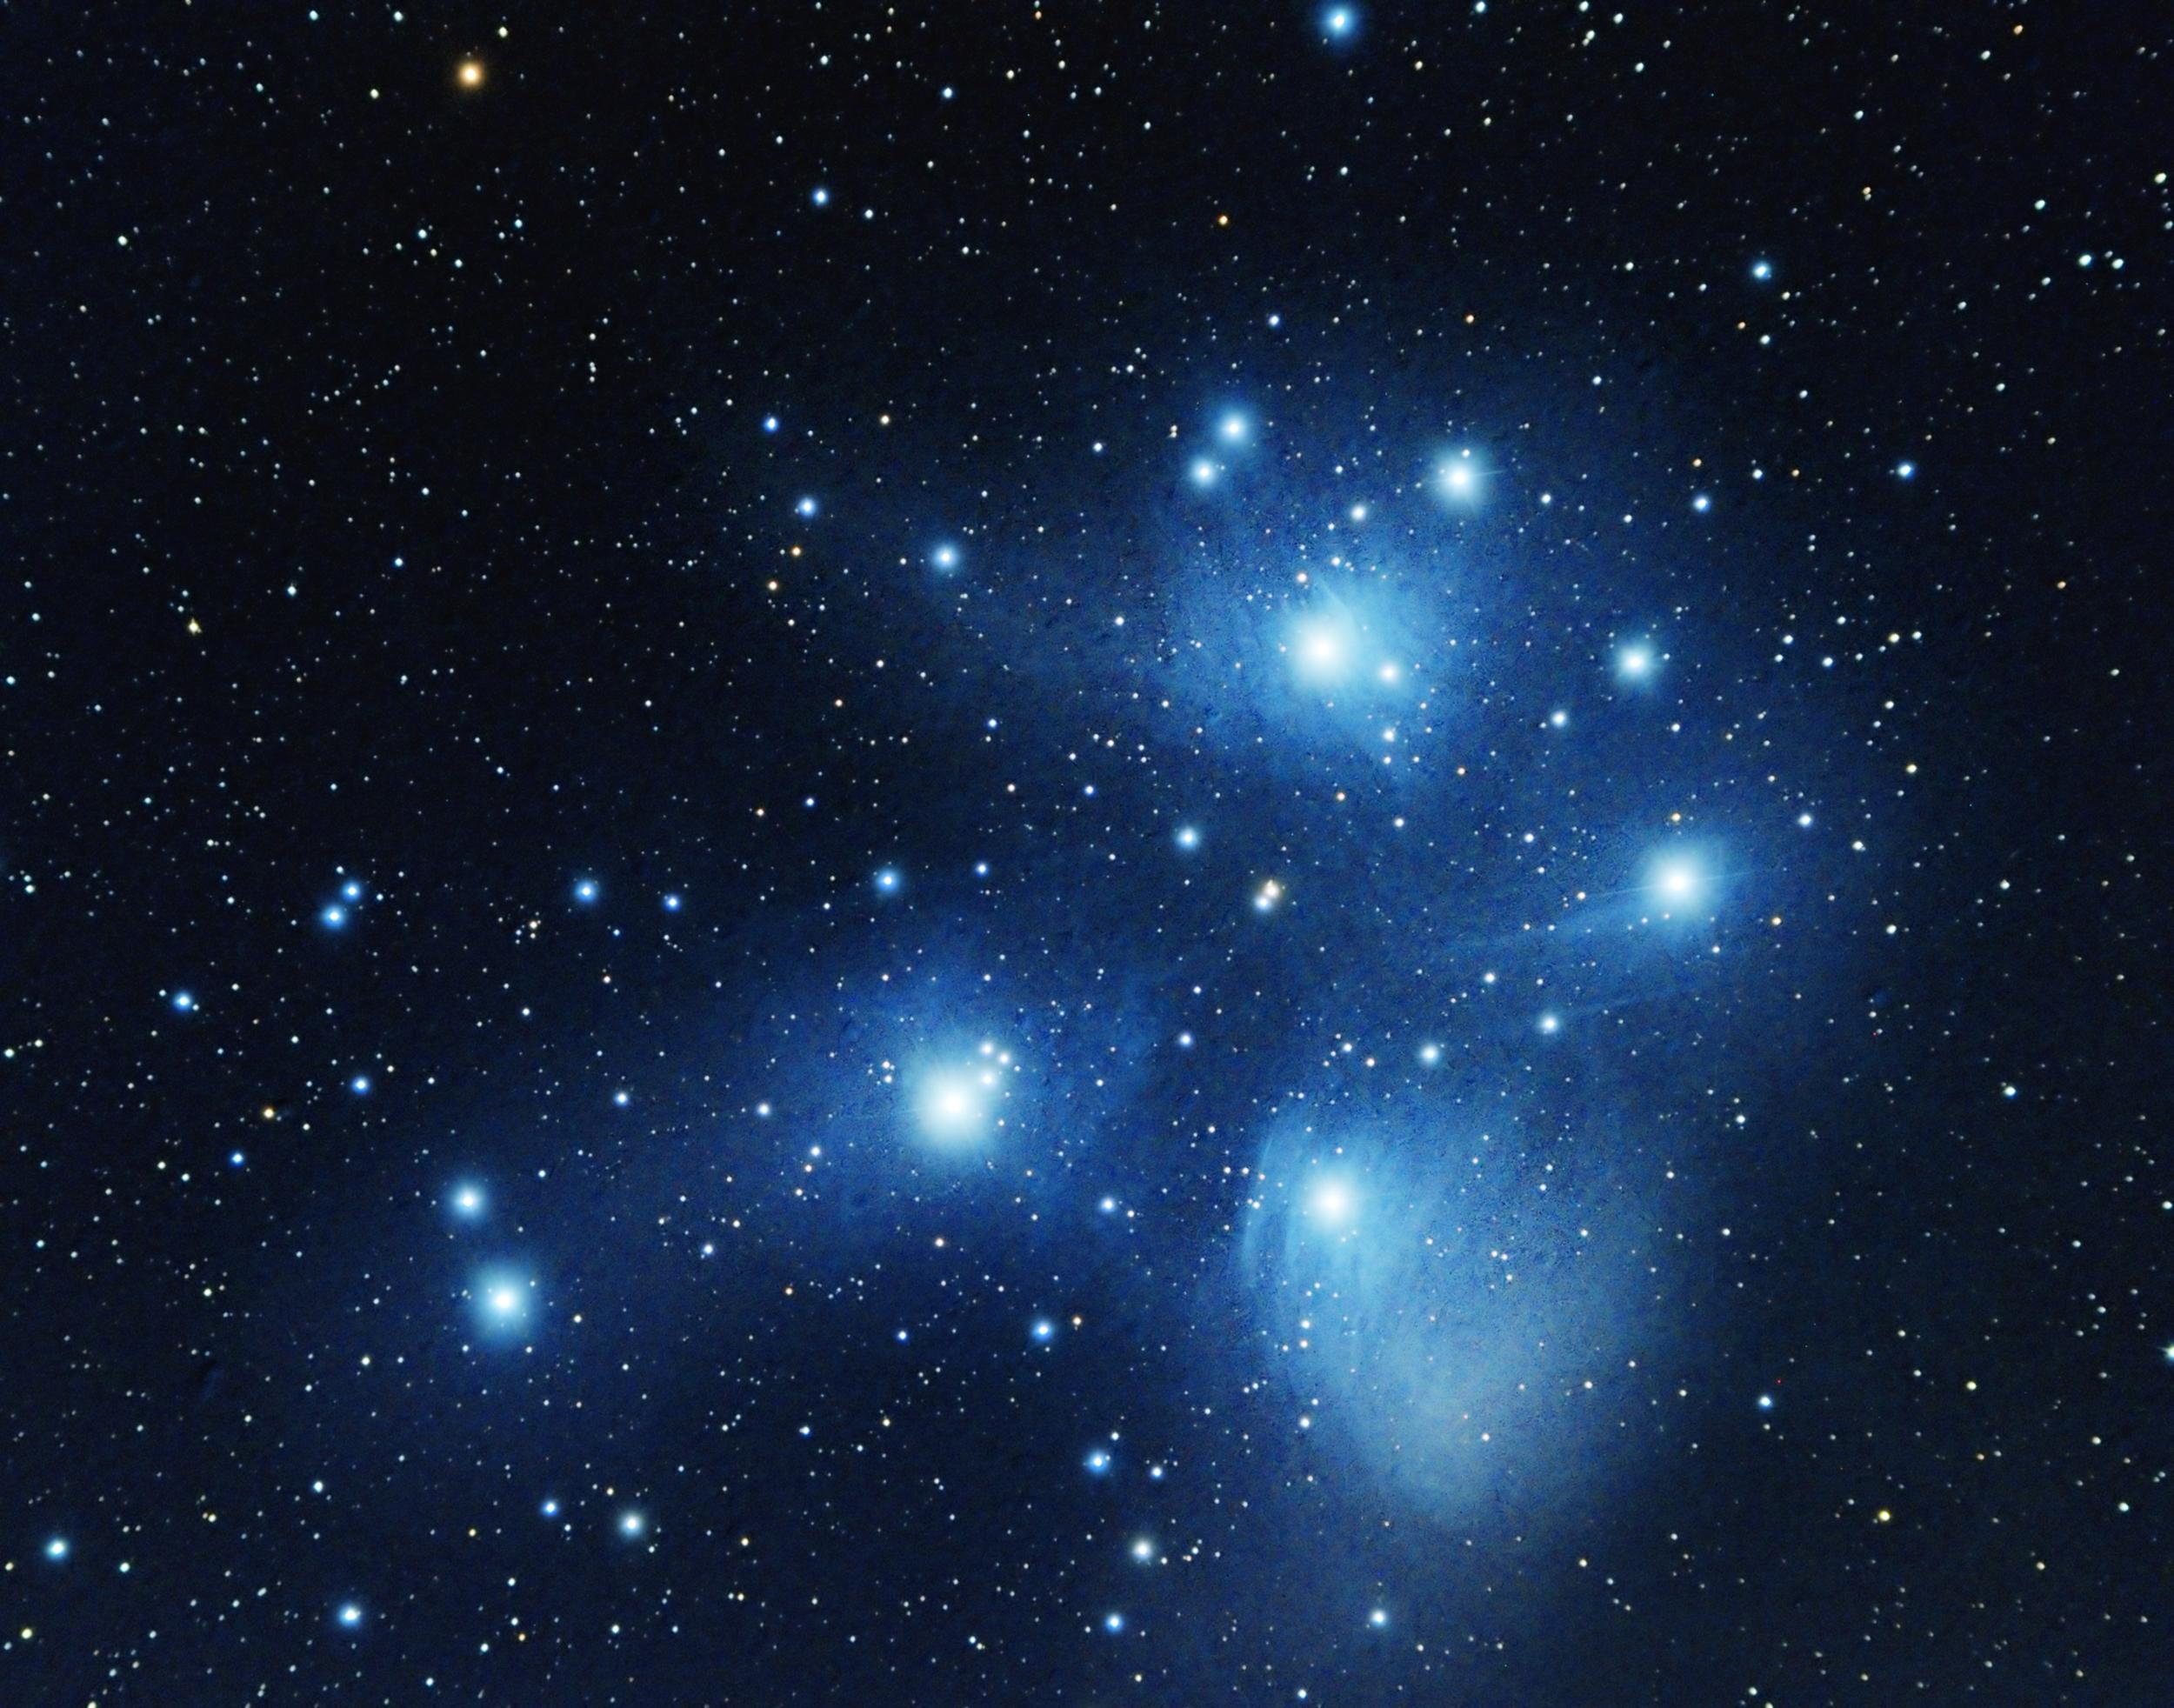 Pleiades aka Seven Sisters (M45)